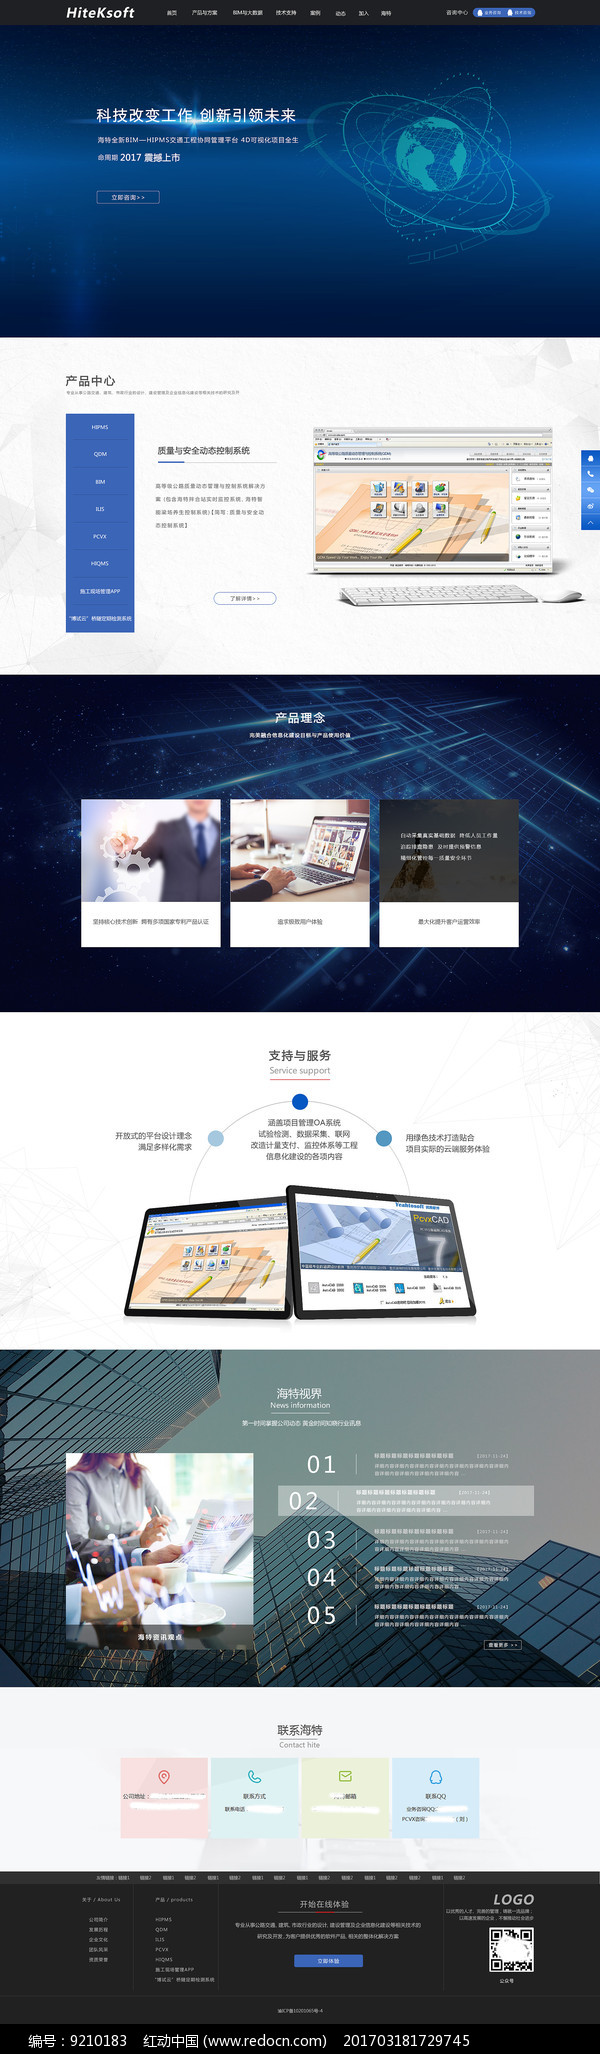 H5网站图片